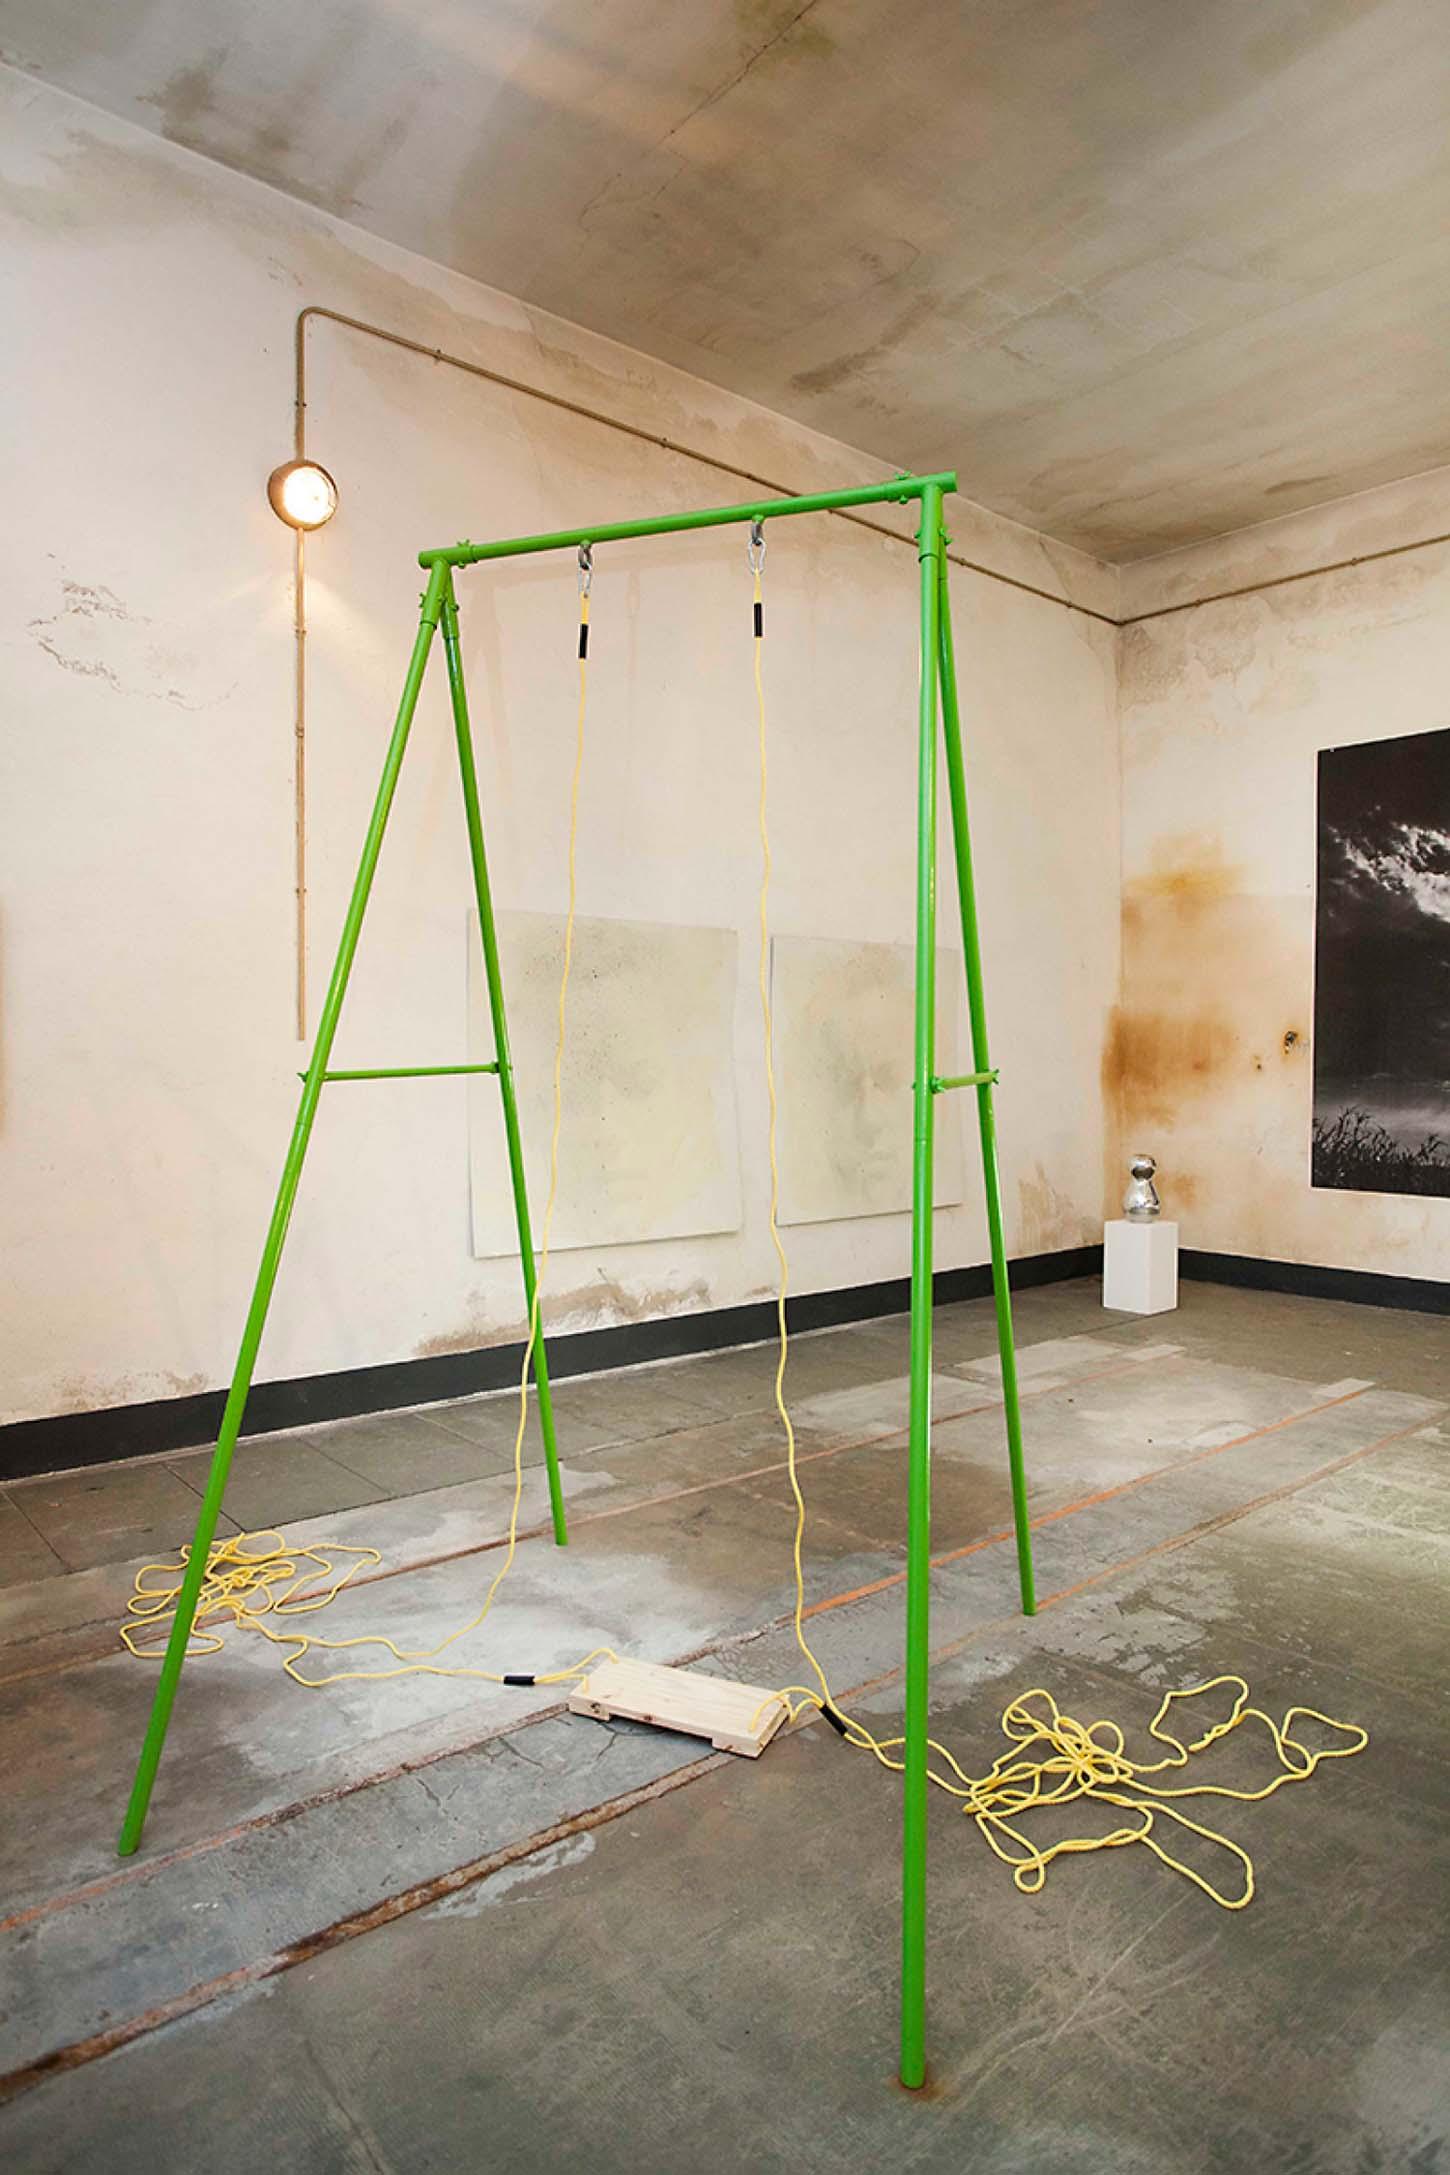 Espace A VENDRE, le Château, comme dans un Jardin.  Thierry Lagalla Dans la série la vie au trop : Trop long acier peint, bois, corde, 220 x 132 x 130 cm, 2013